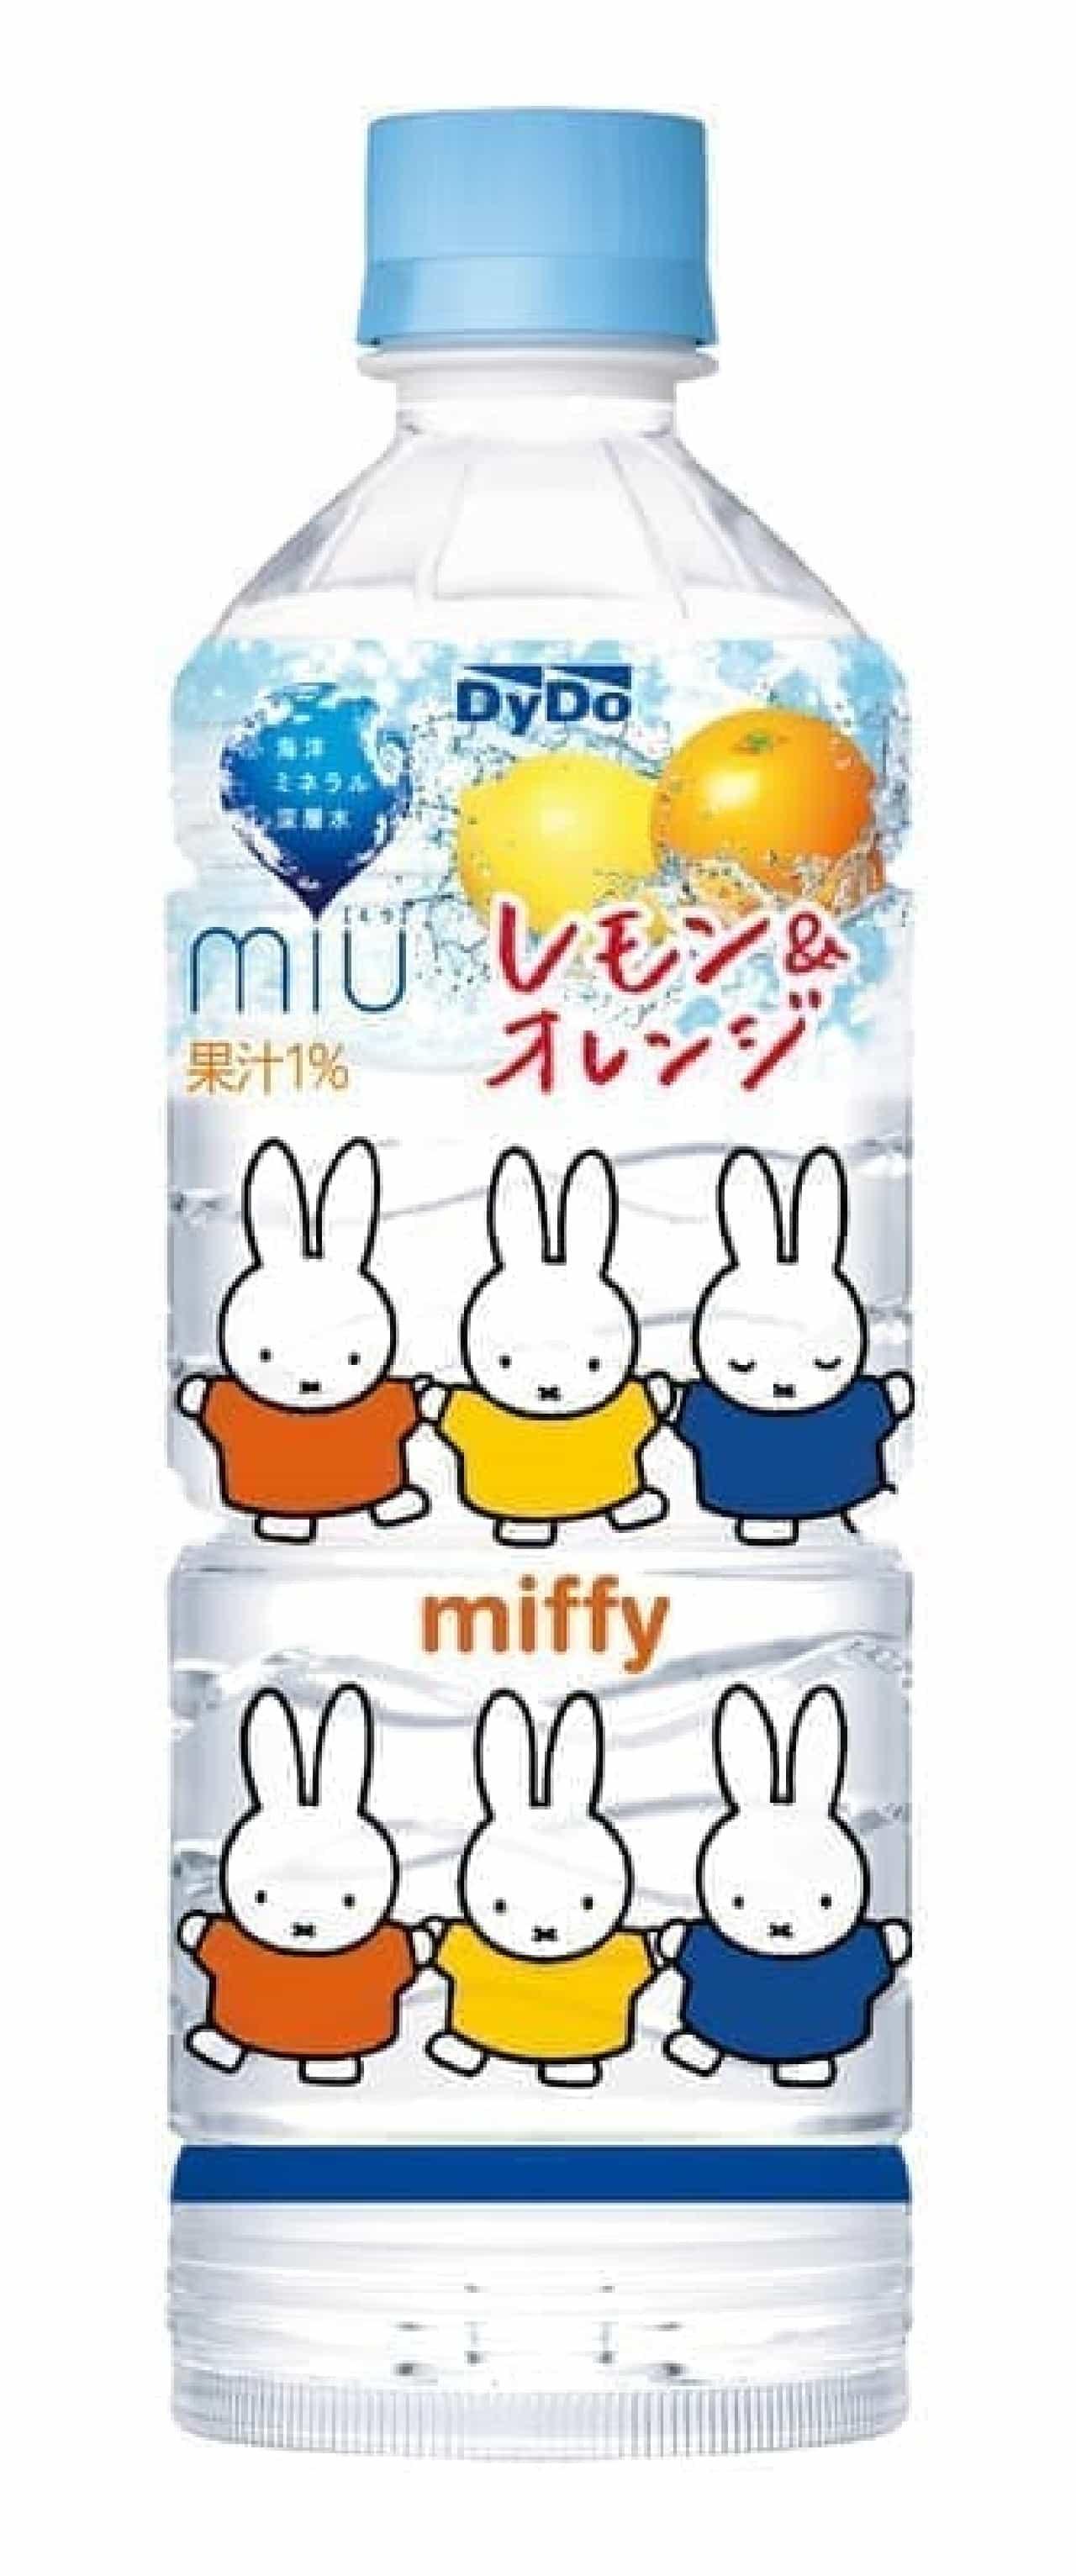 ミッフィー柄「ミウ レモン&オレンジ」ダイドードリンコから -- 可愛いパッケージ4種